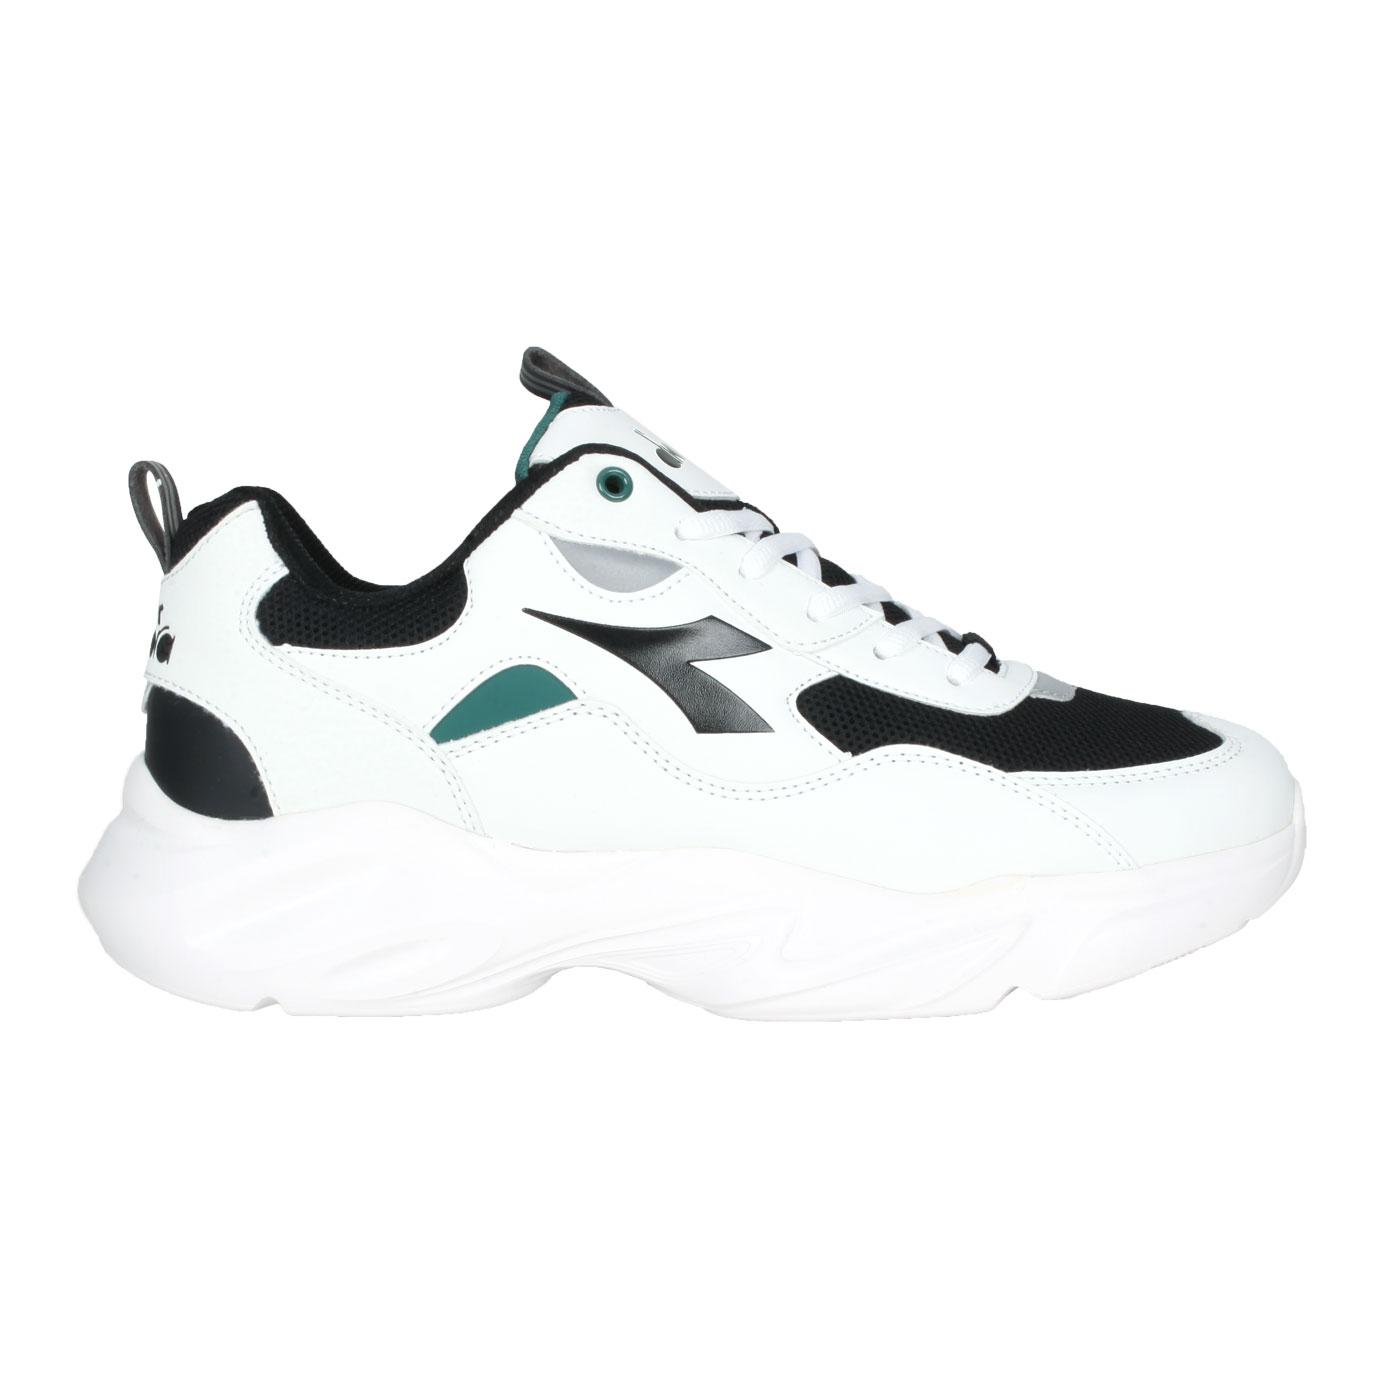 DIADORA 男款運動生活時尚鞋-寬楦  DA73162 - 白黑綠